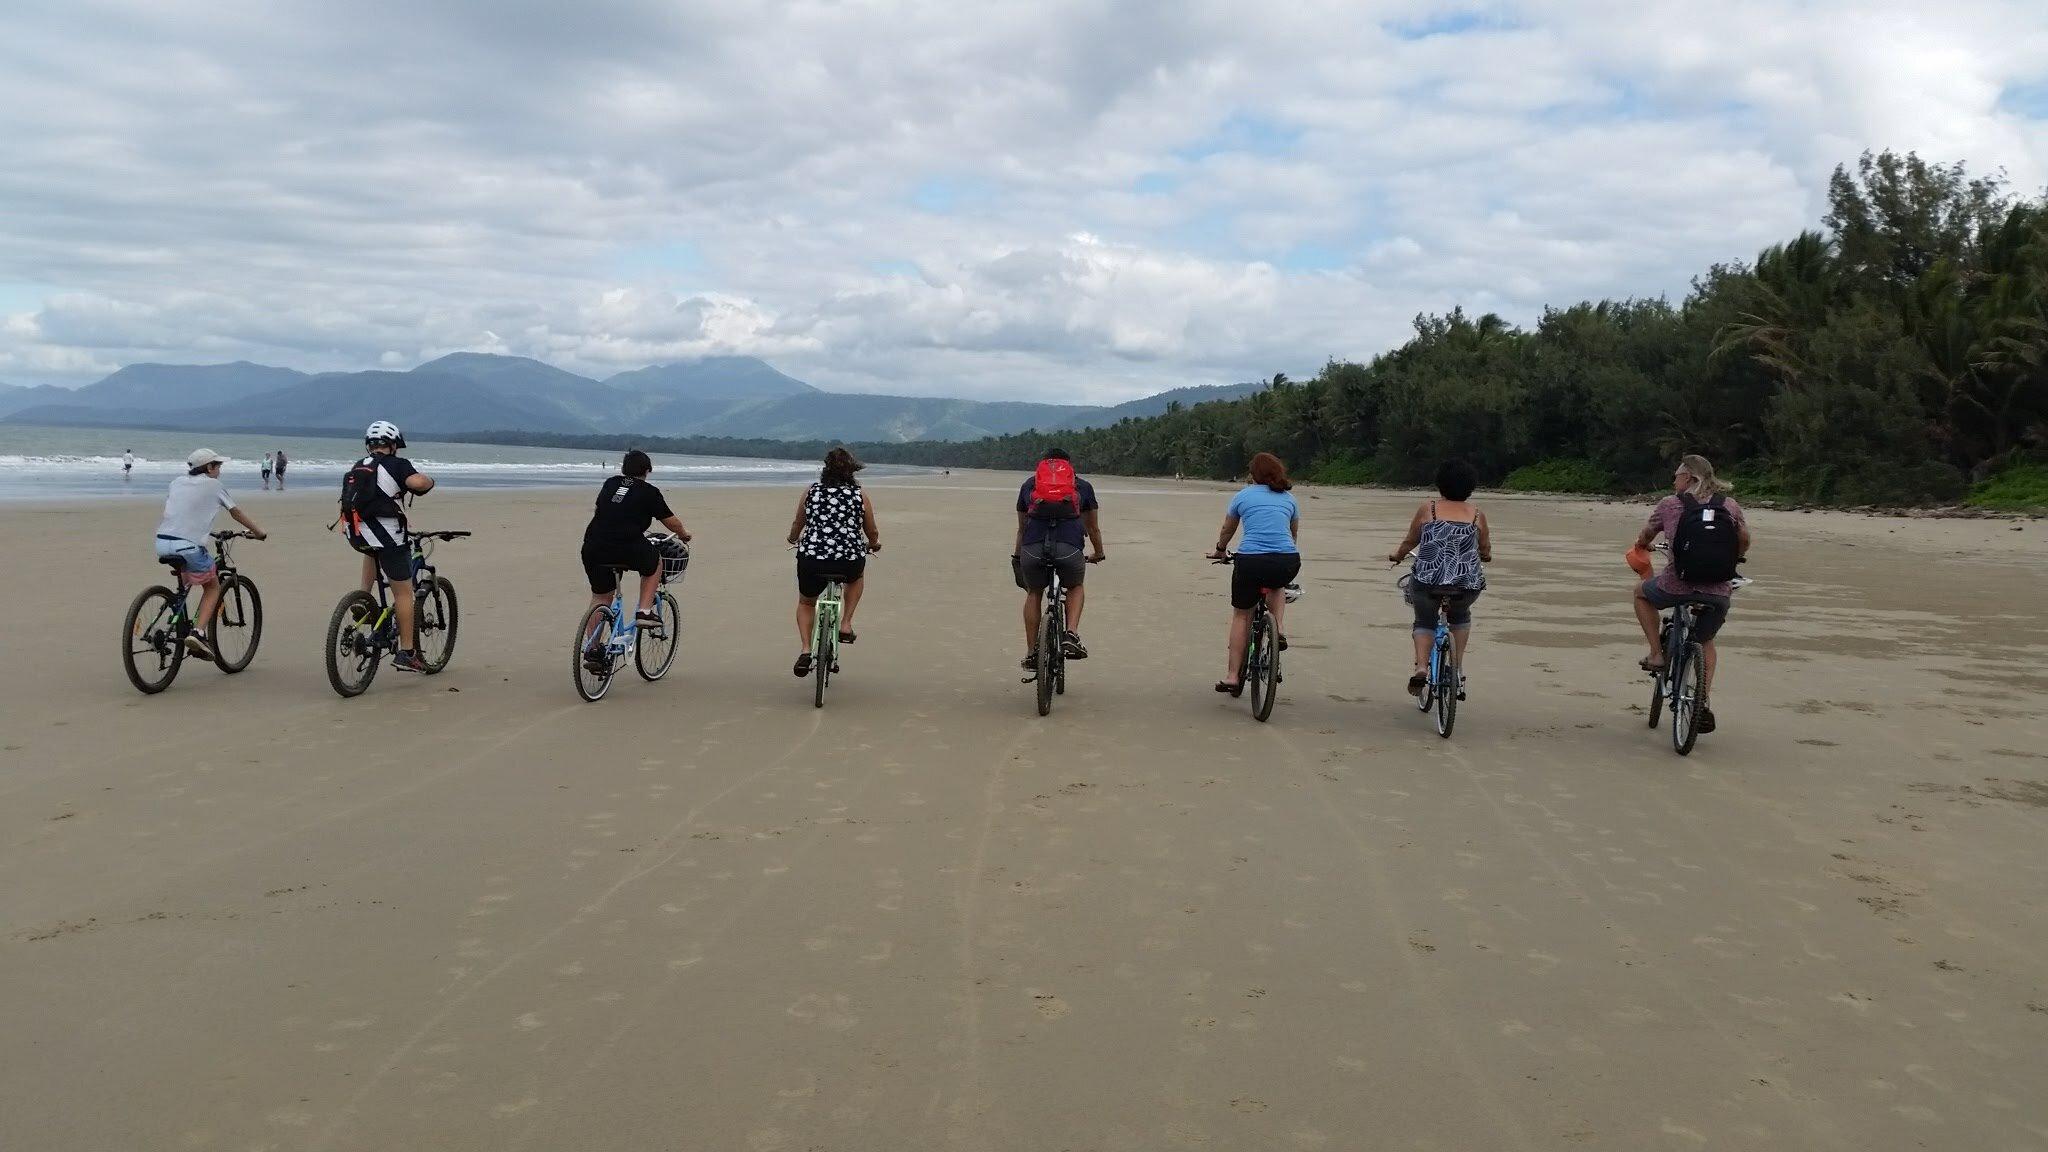 Biking port douglas.jpg